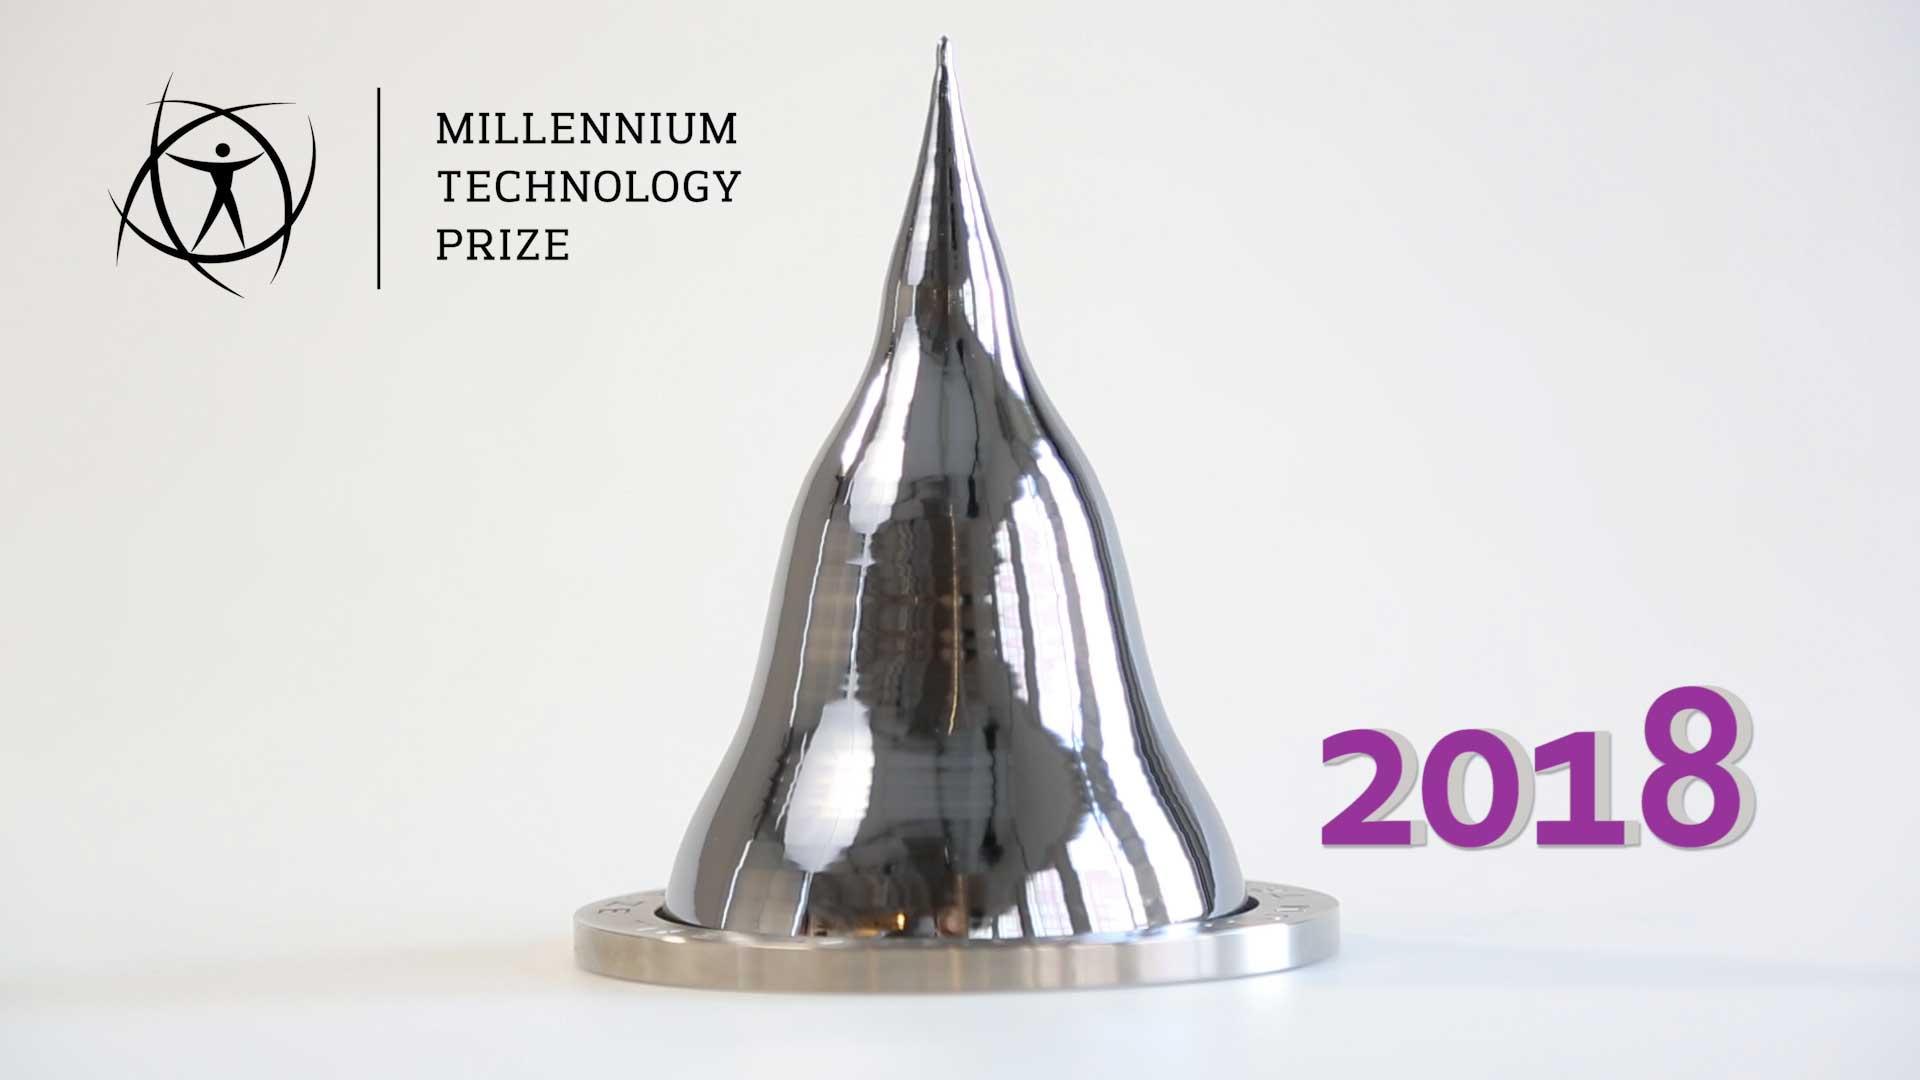 Premio Millennium de Tecnología 2018, entregado al físico finlandés Tuomo Suntola